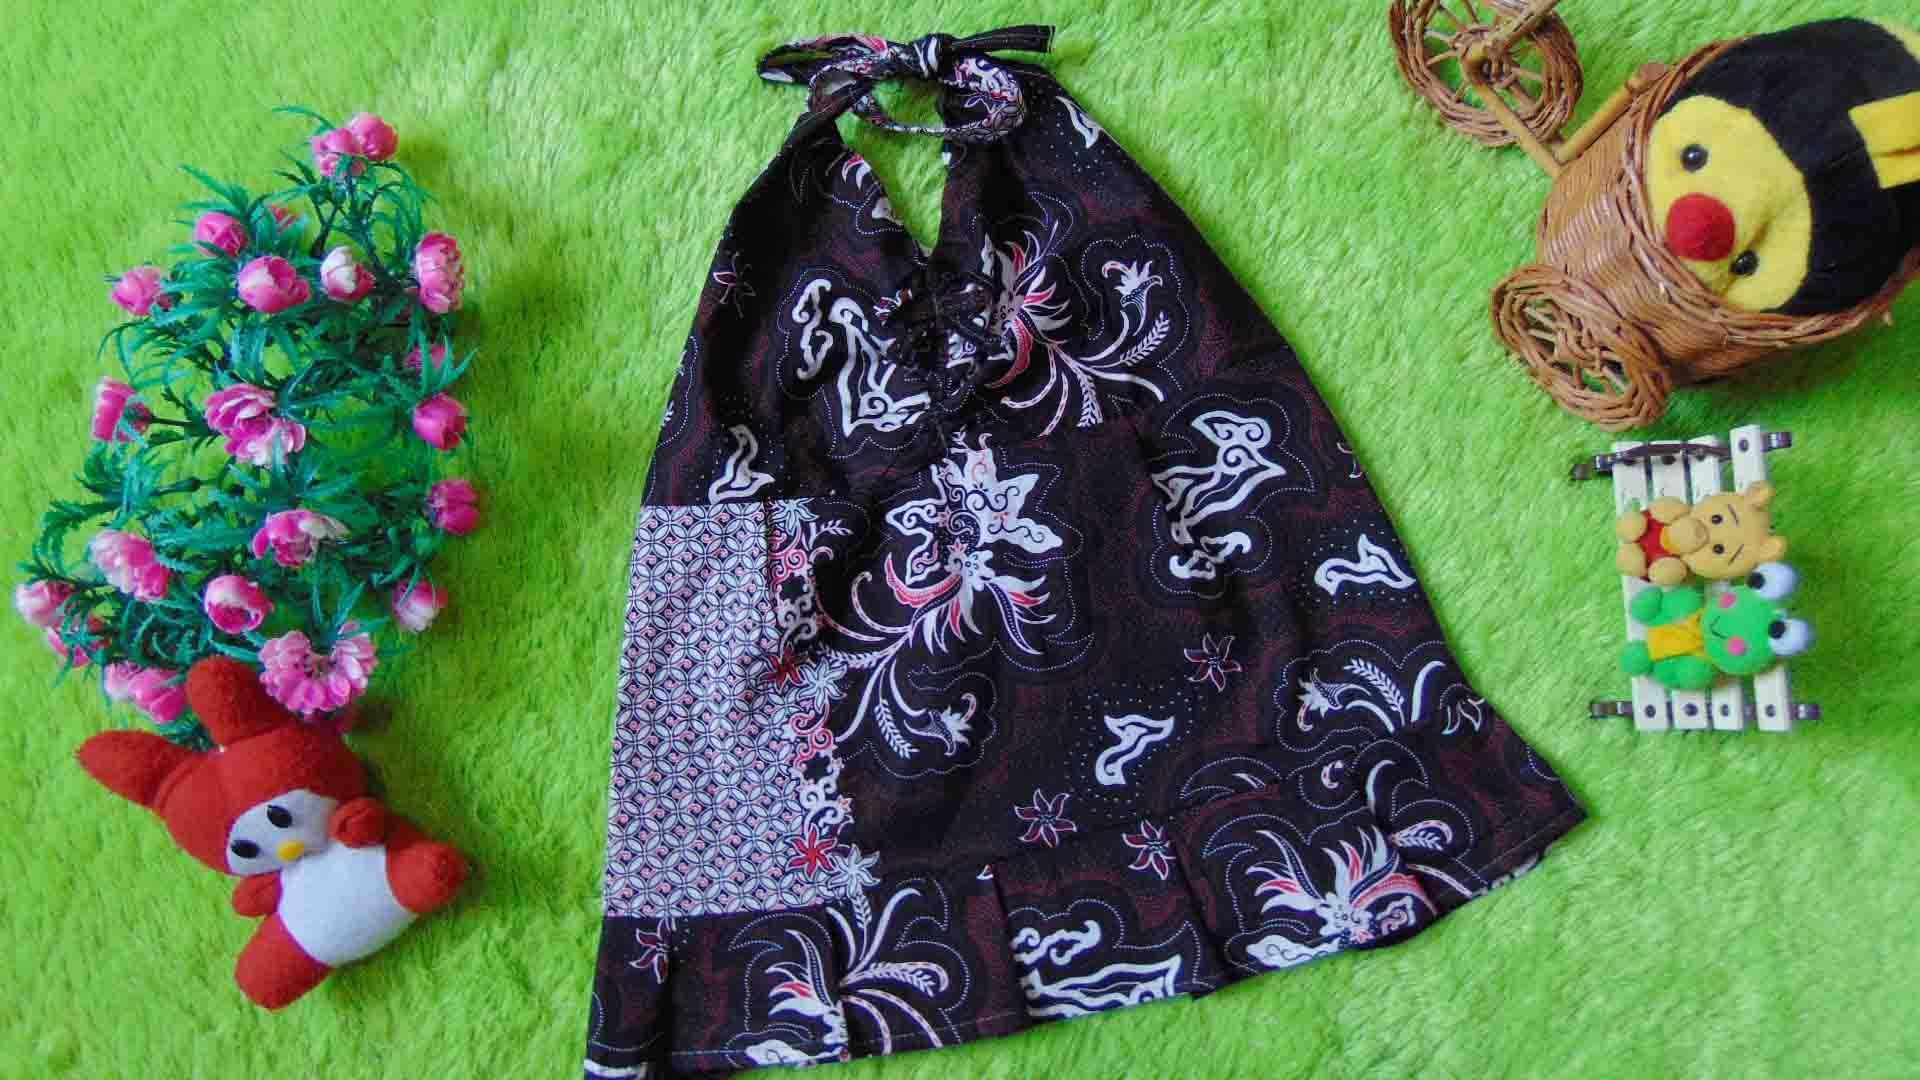 Fitur Kembarshop Dress Pesta Baju Batik Anak Bayi Perempuan 0 Setelan Celana Joger 12bulan Bcl Motif Random